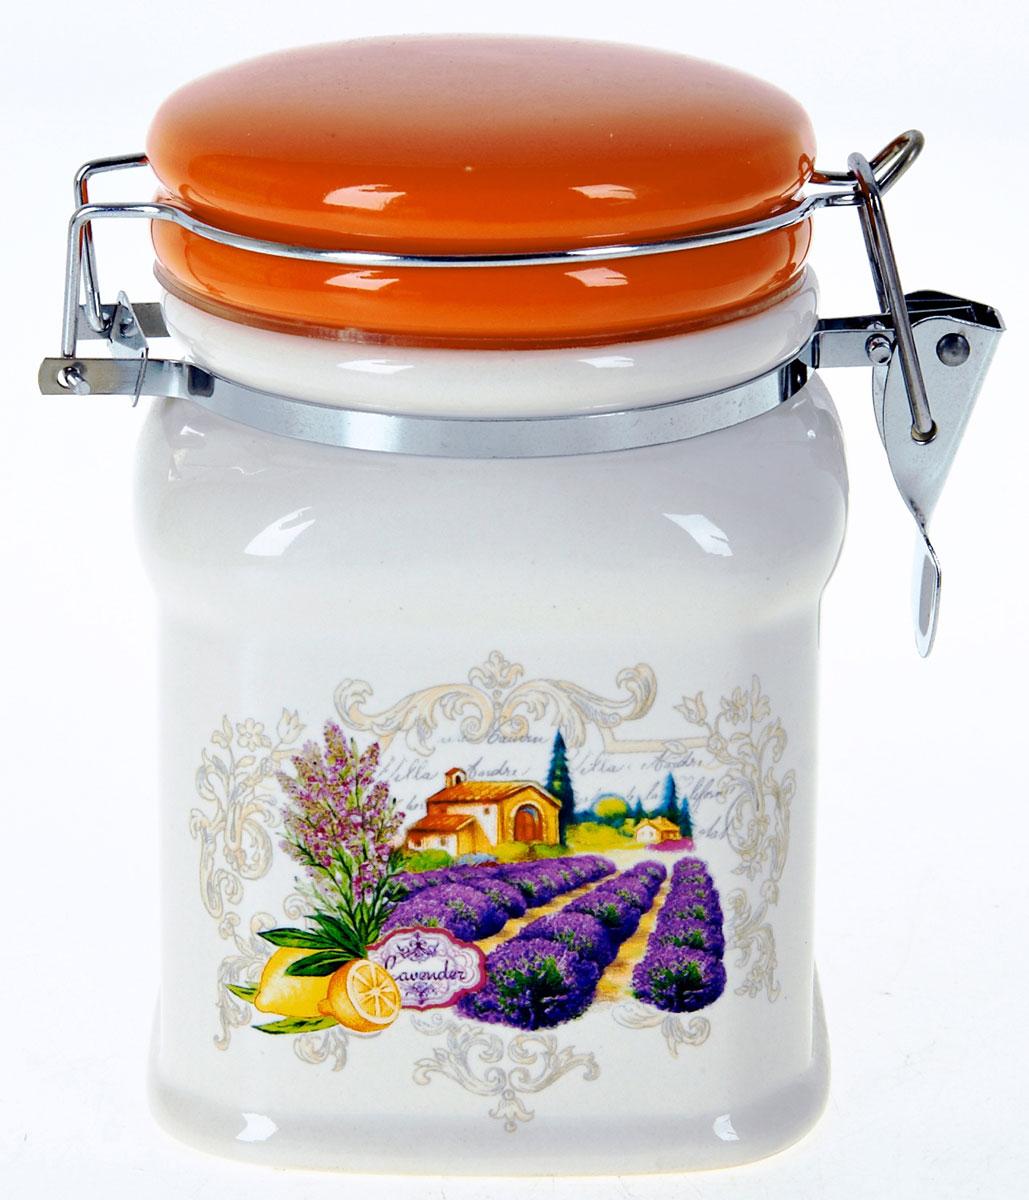 Банка для сыпучих продуктов Polystar Прованс, 650 мл банка для сыпучих продуктов polystar sweet home 850 мл